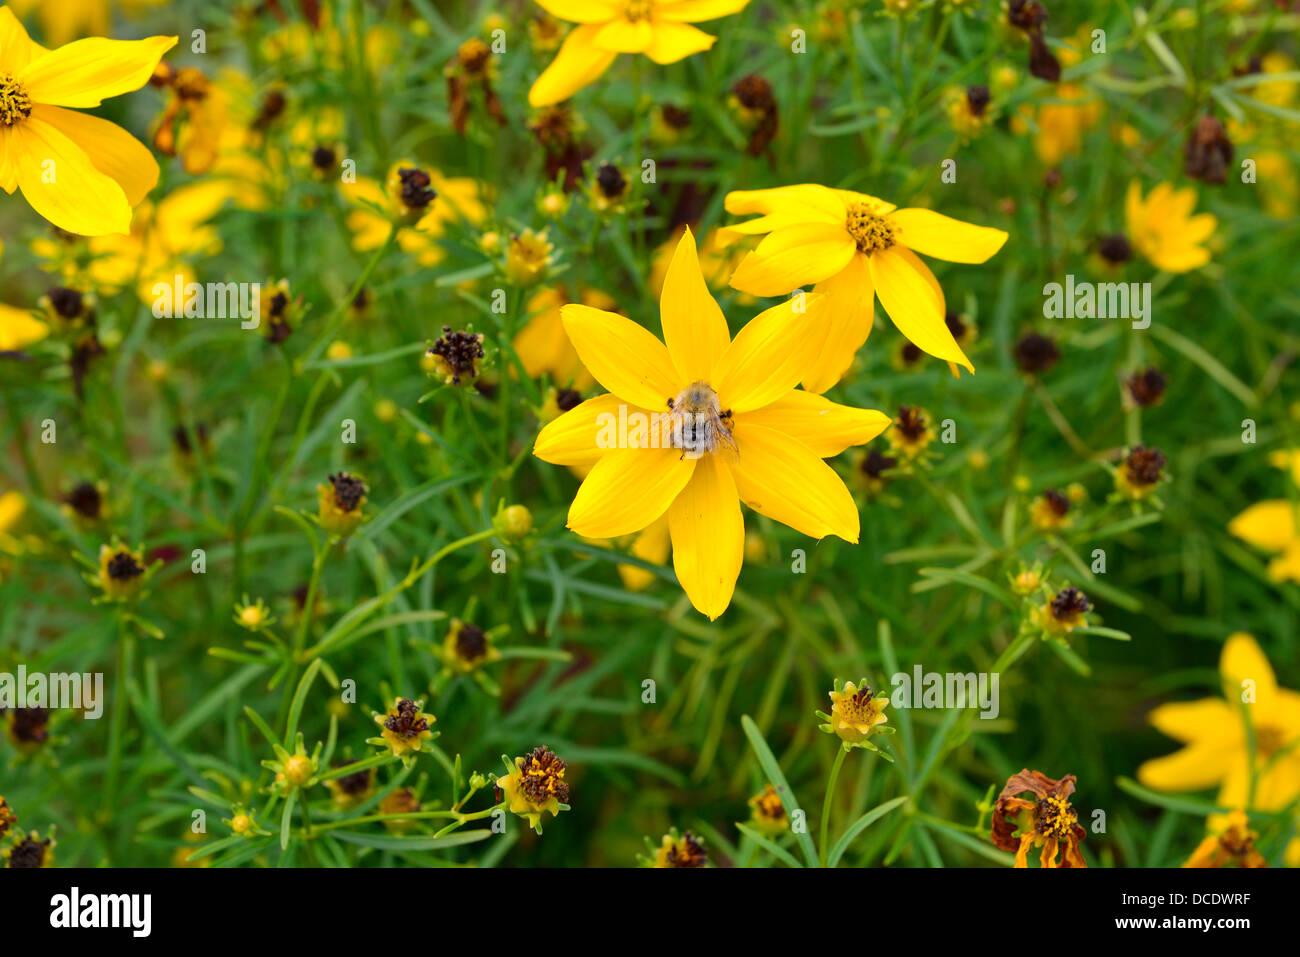 La collecte du pollen pour les abeilles à miel à partir de nectar des fleurs dans un jardin Banque D'Images